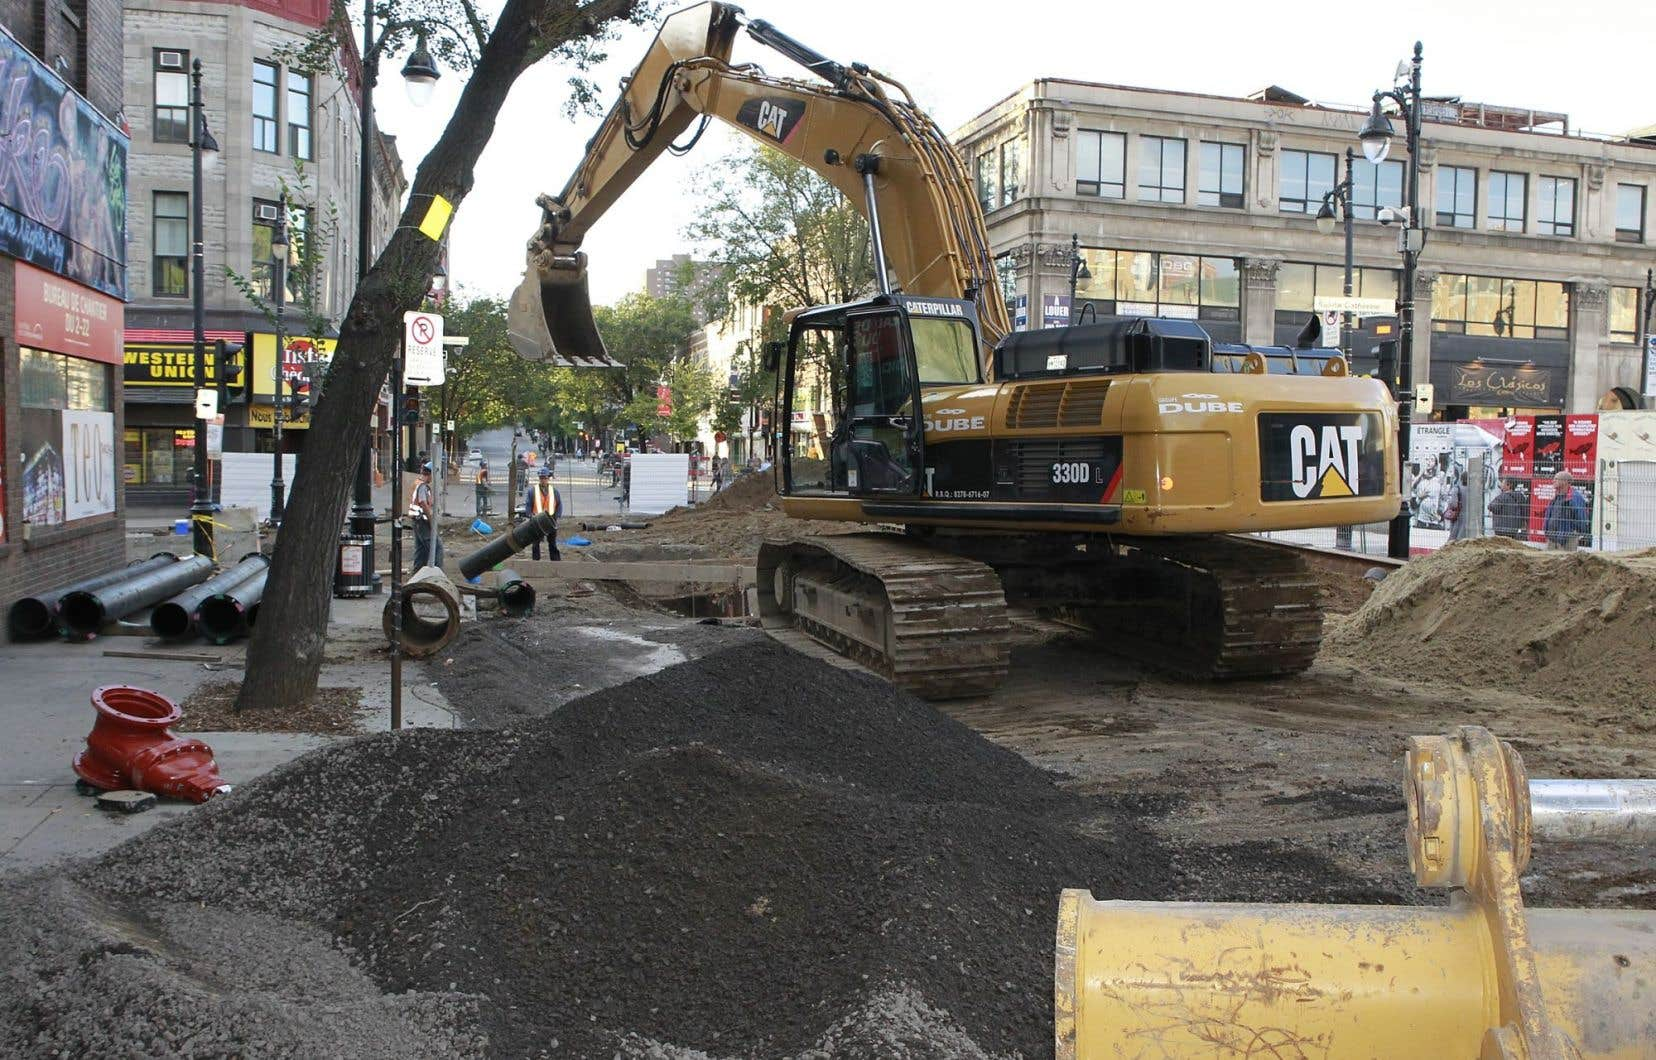 Ce n'est que récemment que les gouvernements dits «supérieurs» ont daigné s'intéresser au problème de la dégradation des infrastructures urbaines, estiment les auteurs.